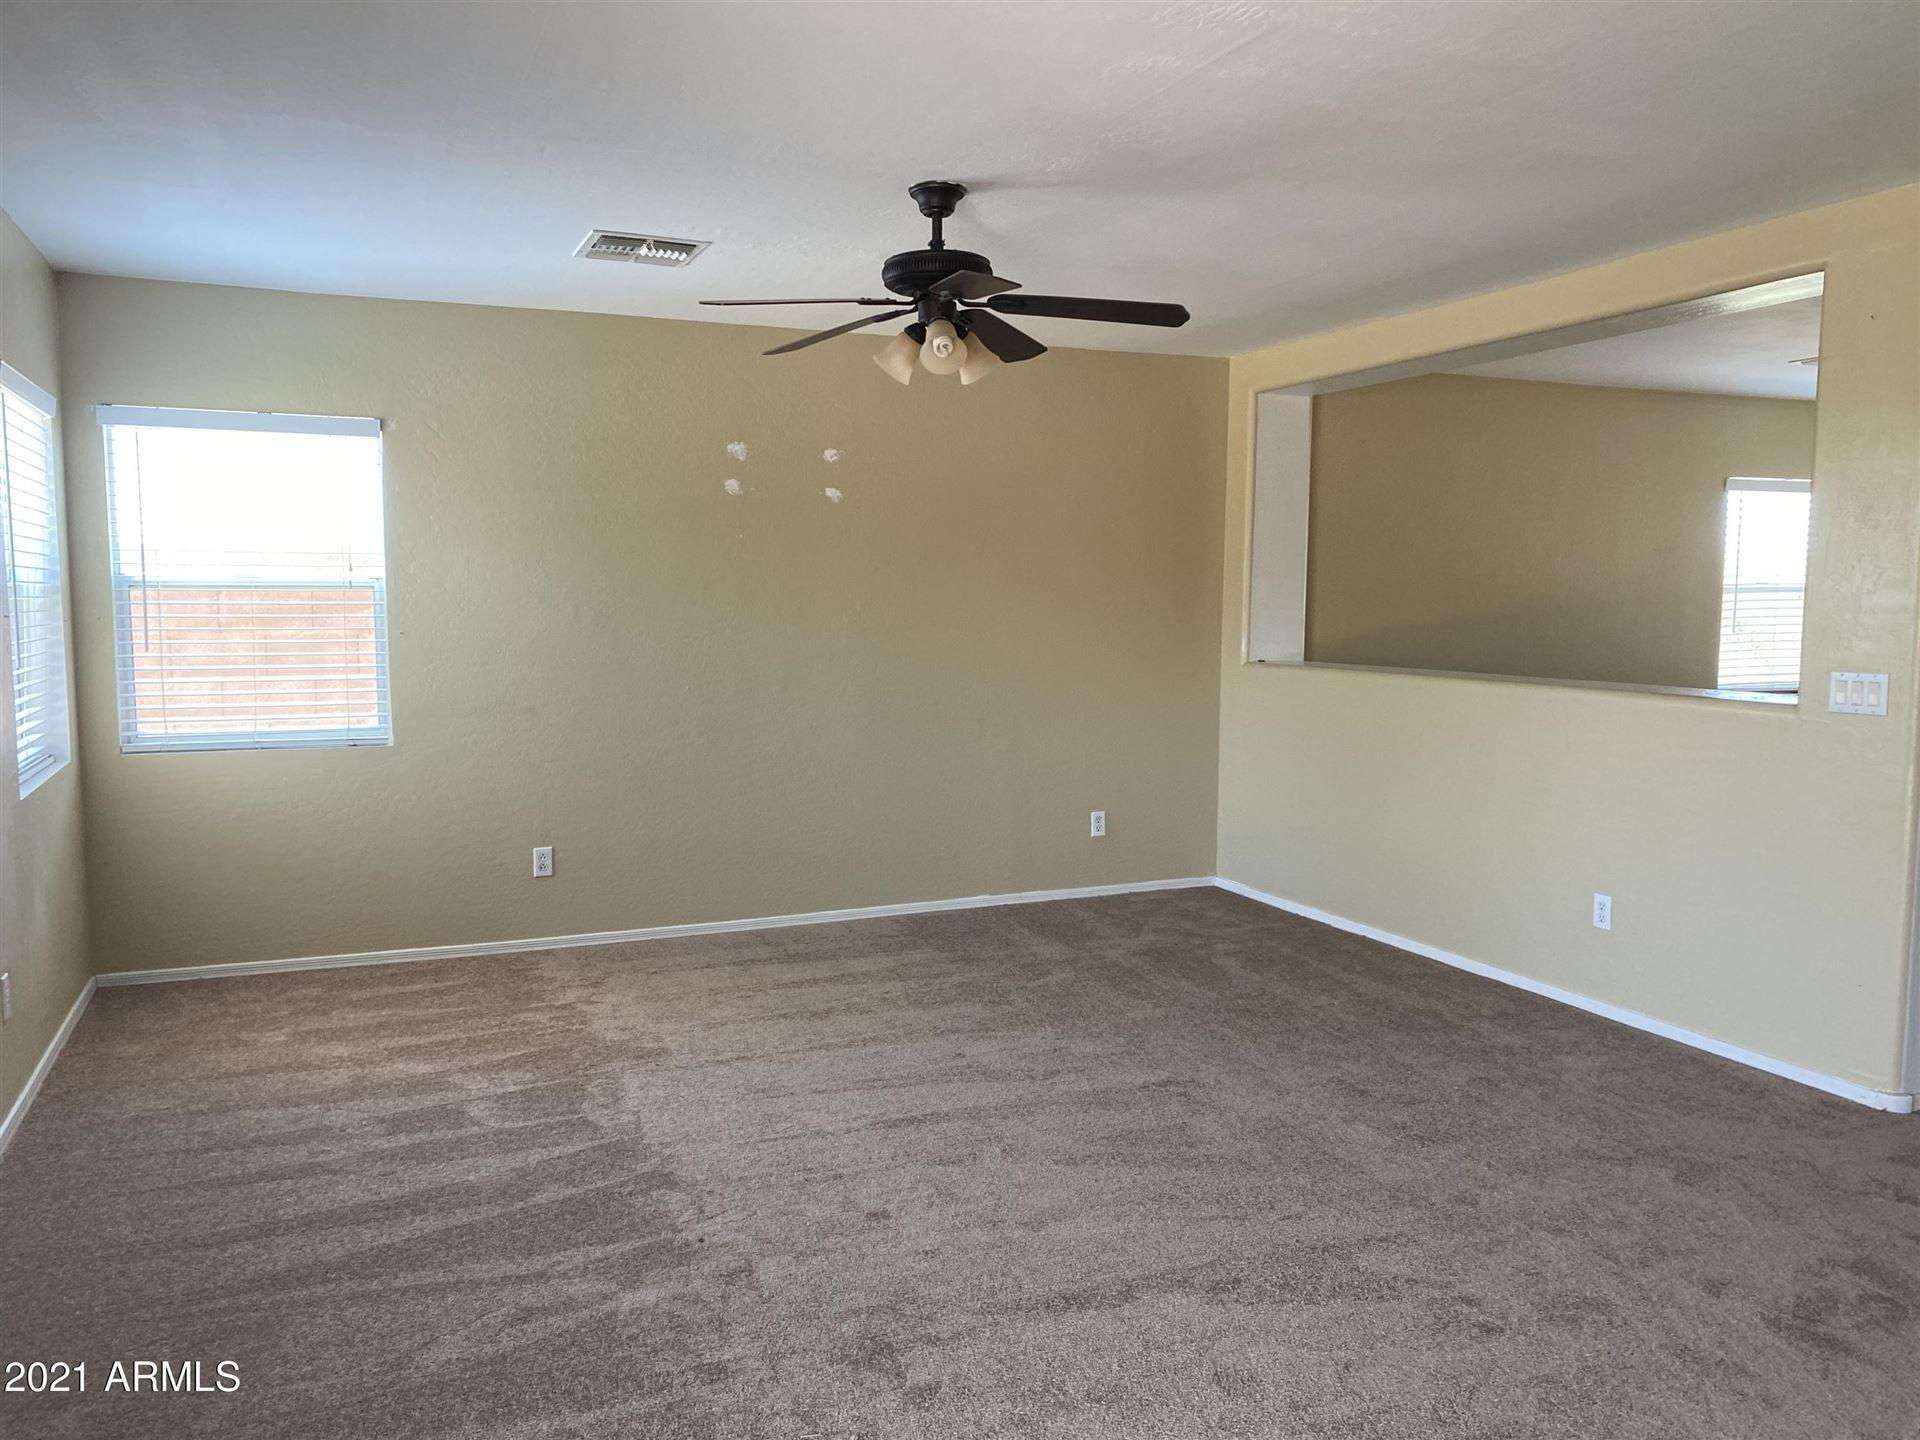 Photo of 27945 N Gold Lane, San Tan Valley, AZ 85143 (MLS # 6249995)